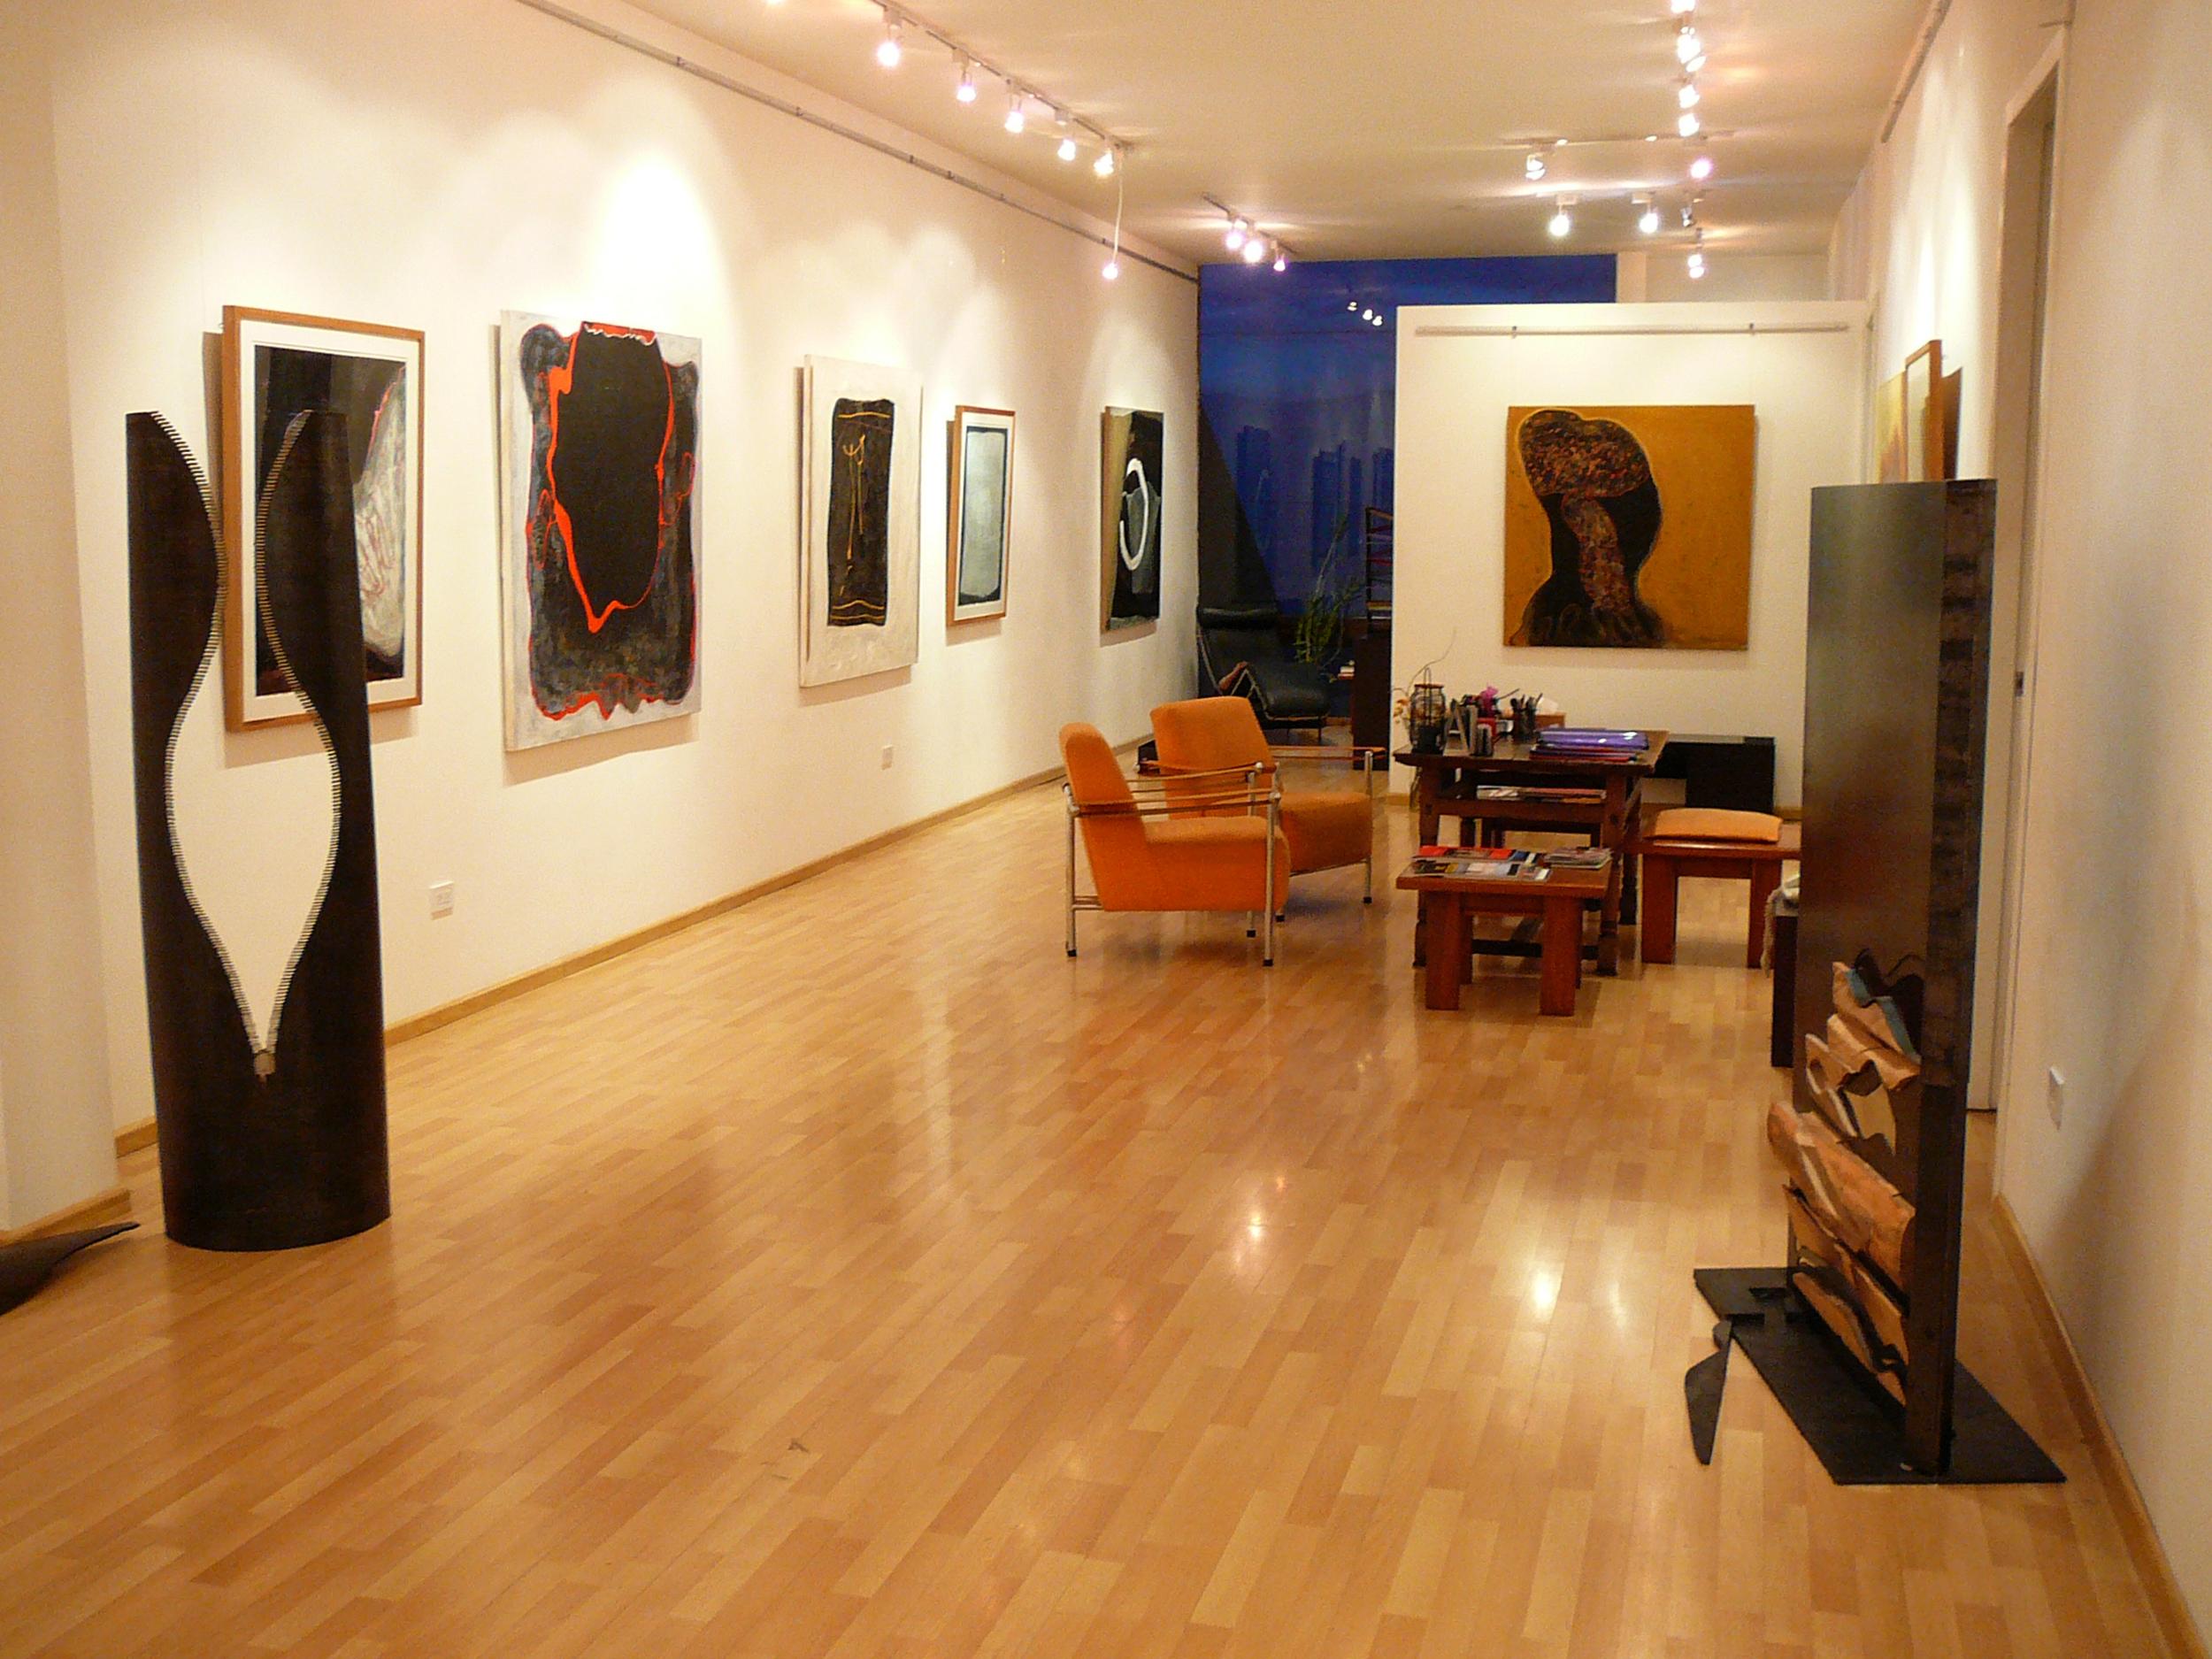 Exposición Unda y Baca mayo 2013 085.JPG